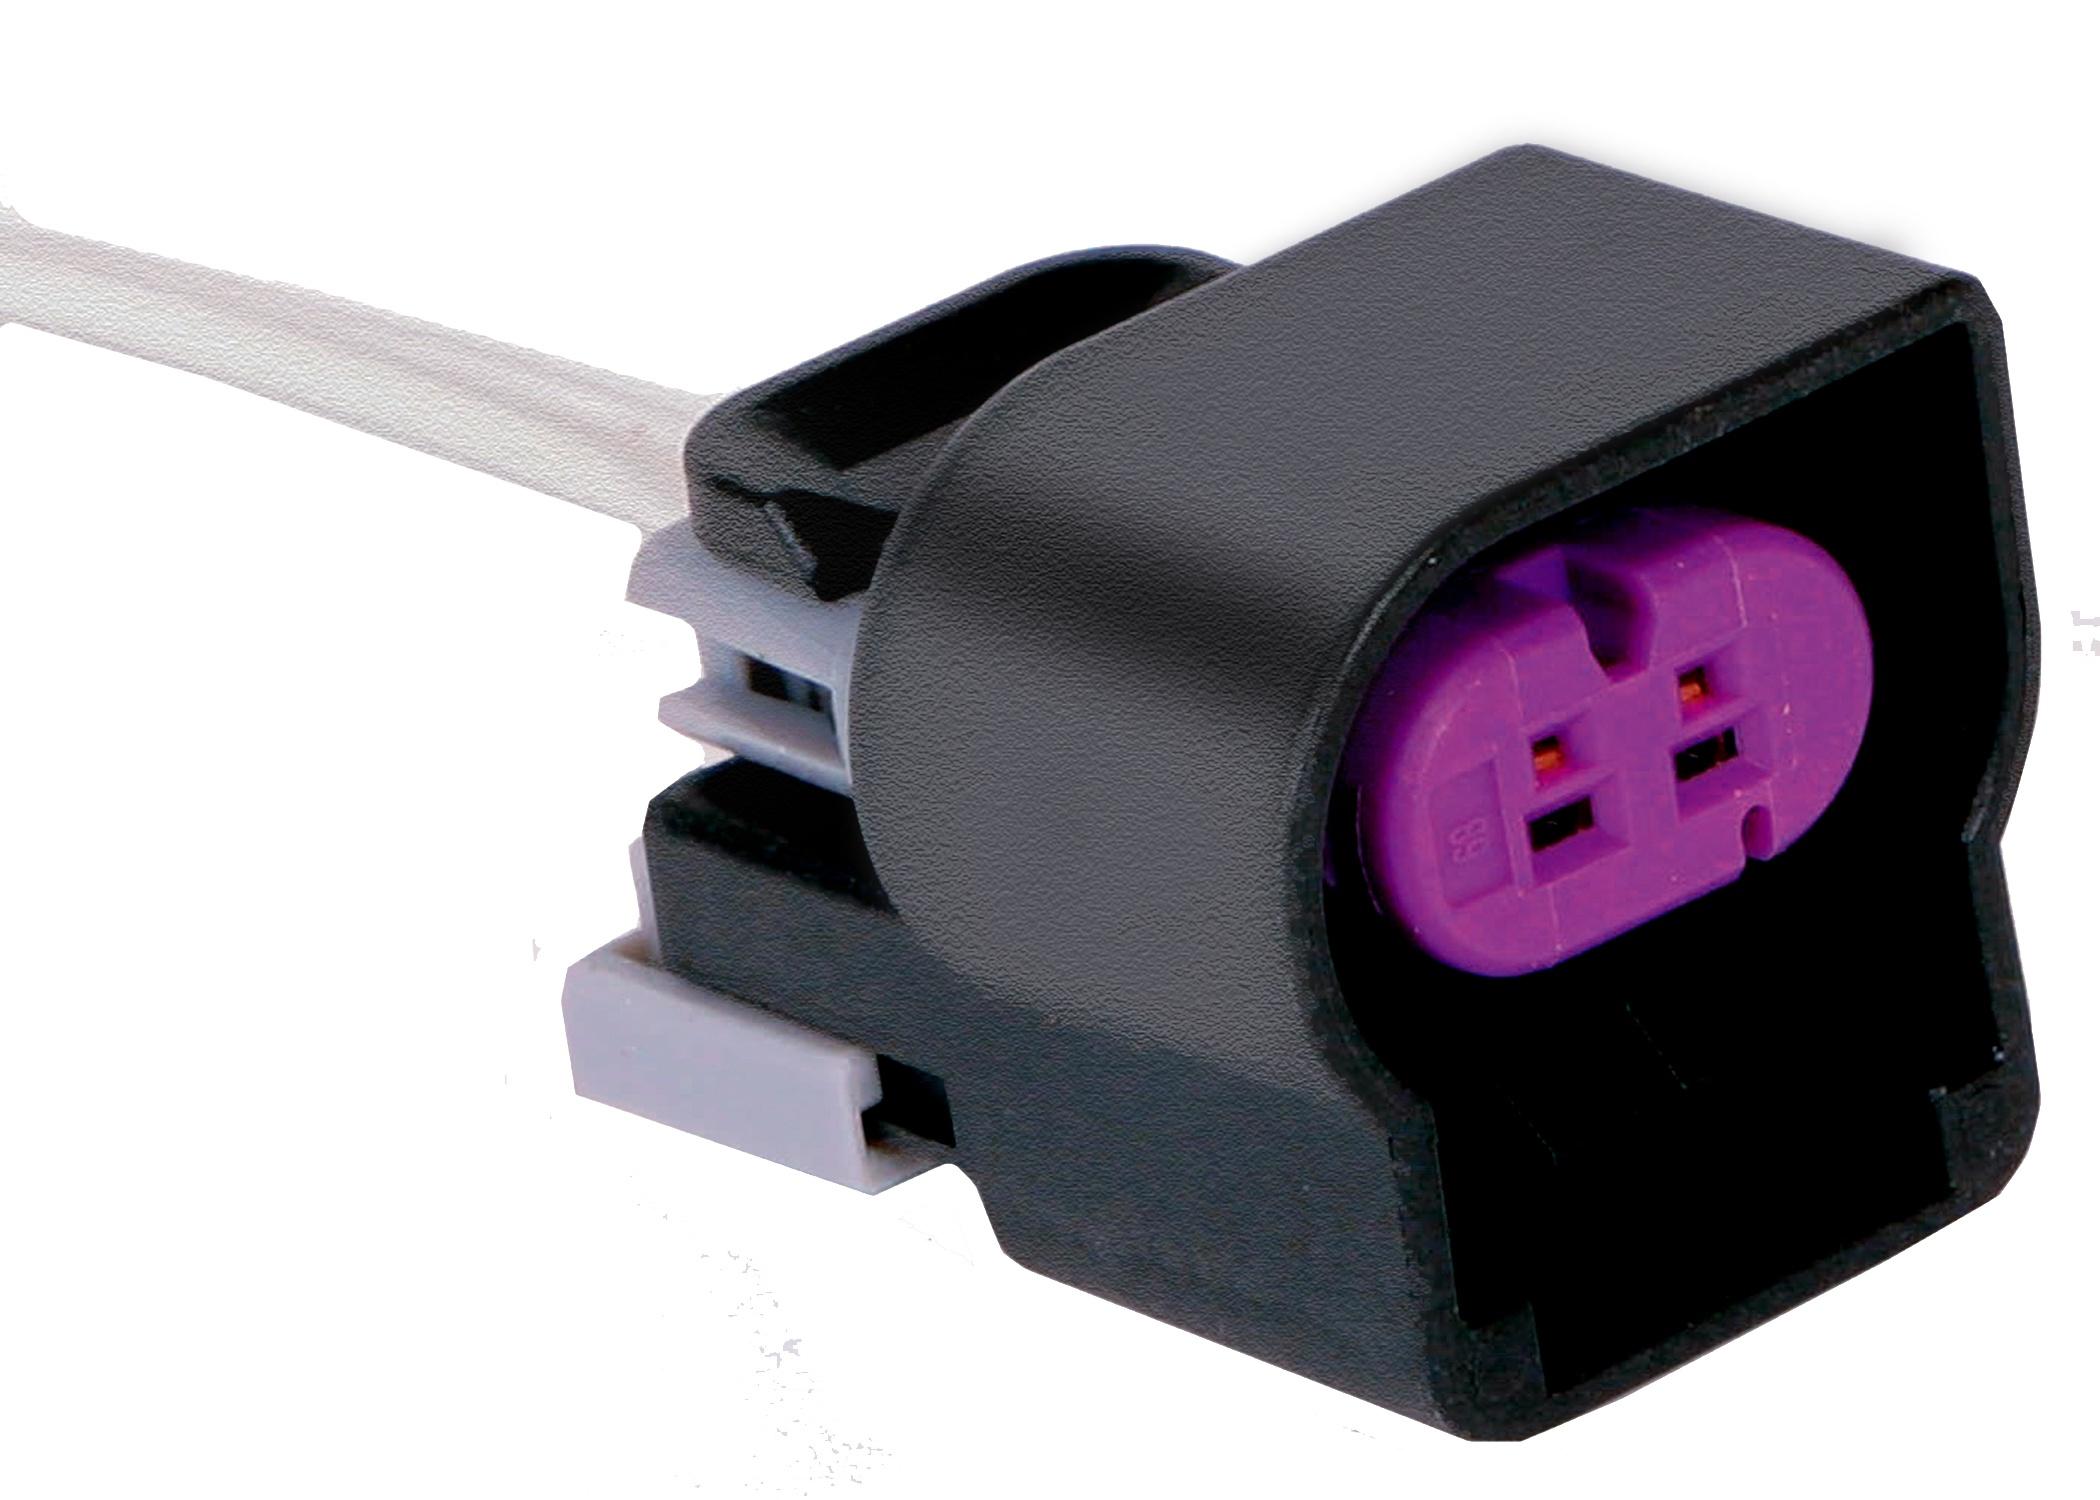 ACDELCO GM ORIGINAL EQUIPMENT - Engine Crankshaft Position Sensor Connector - DCB PT1686